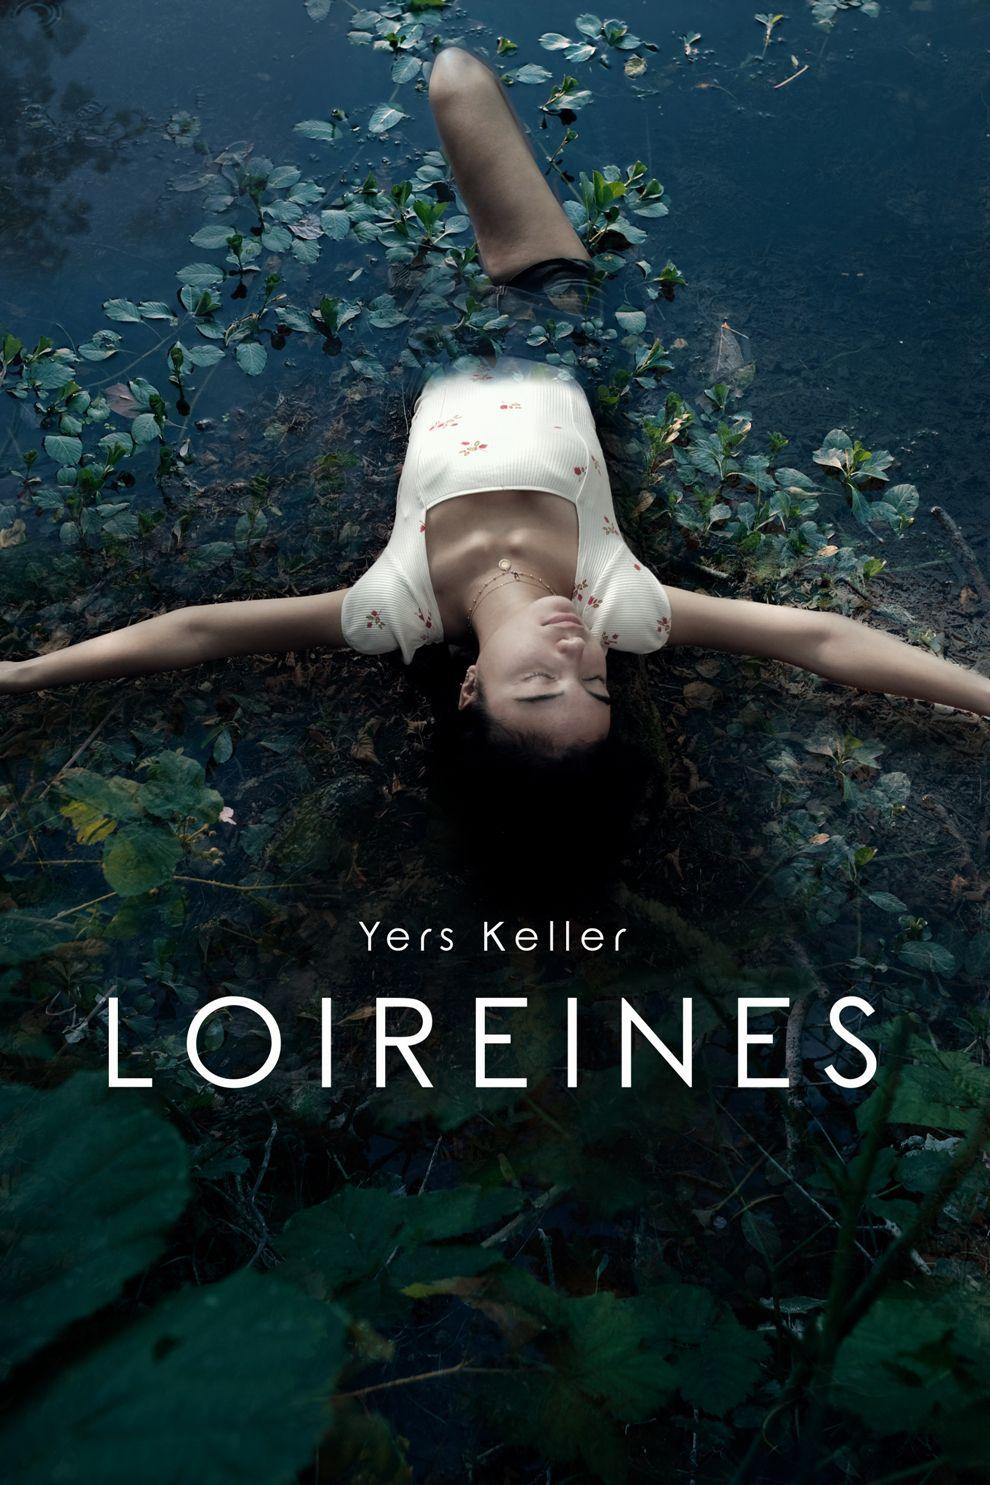 Projet Loireines